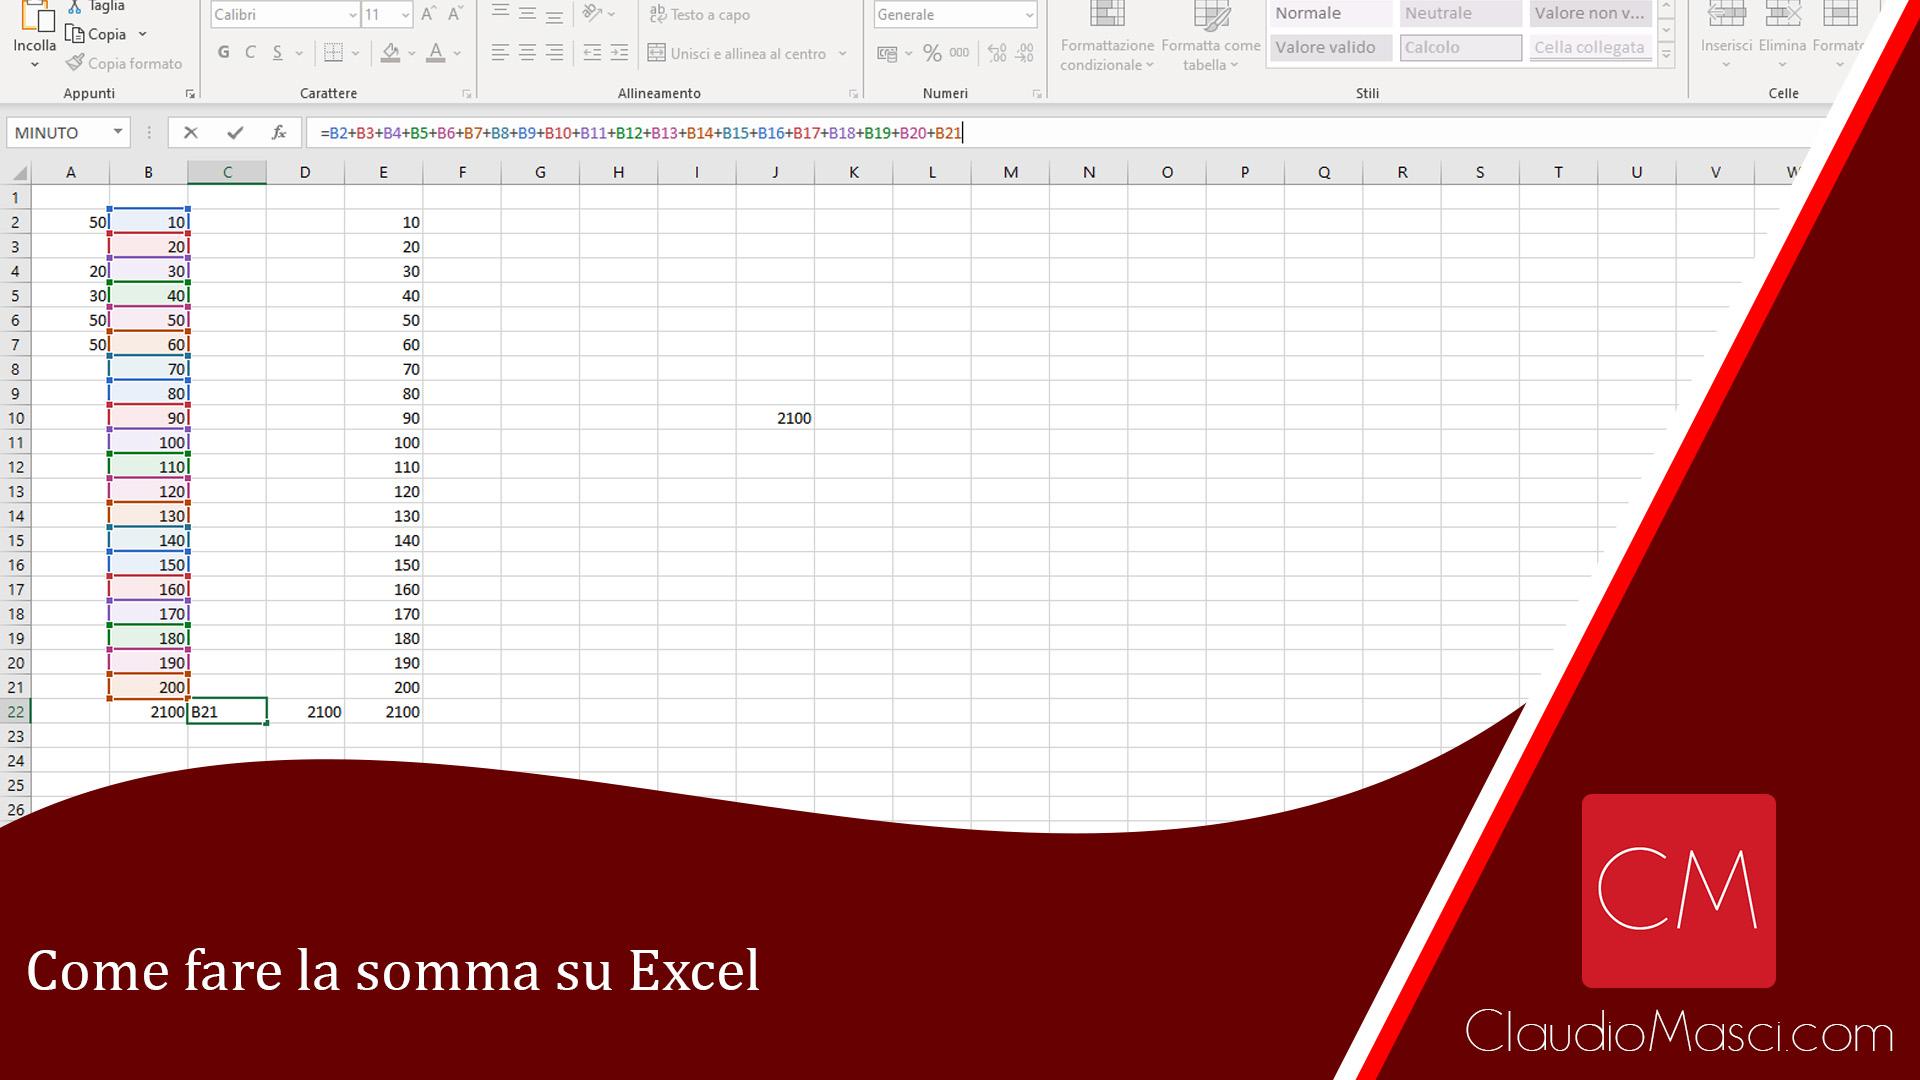 Come fare la somma su Excel